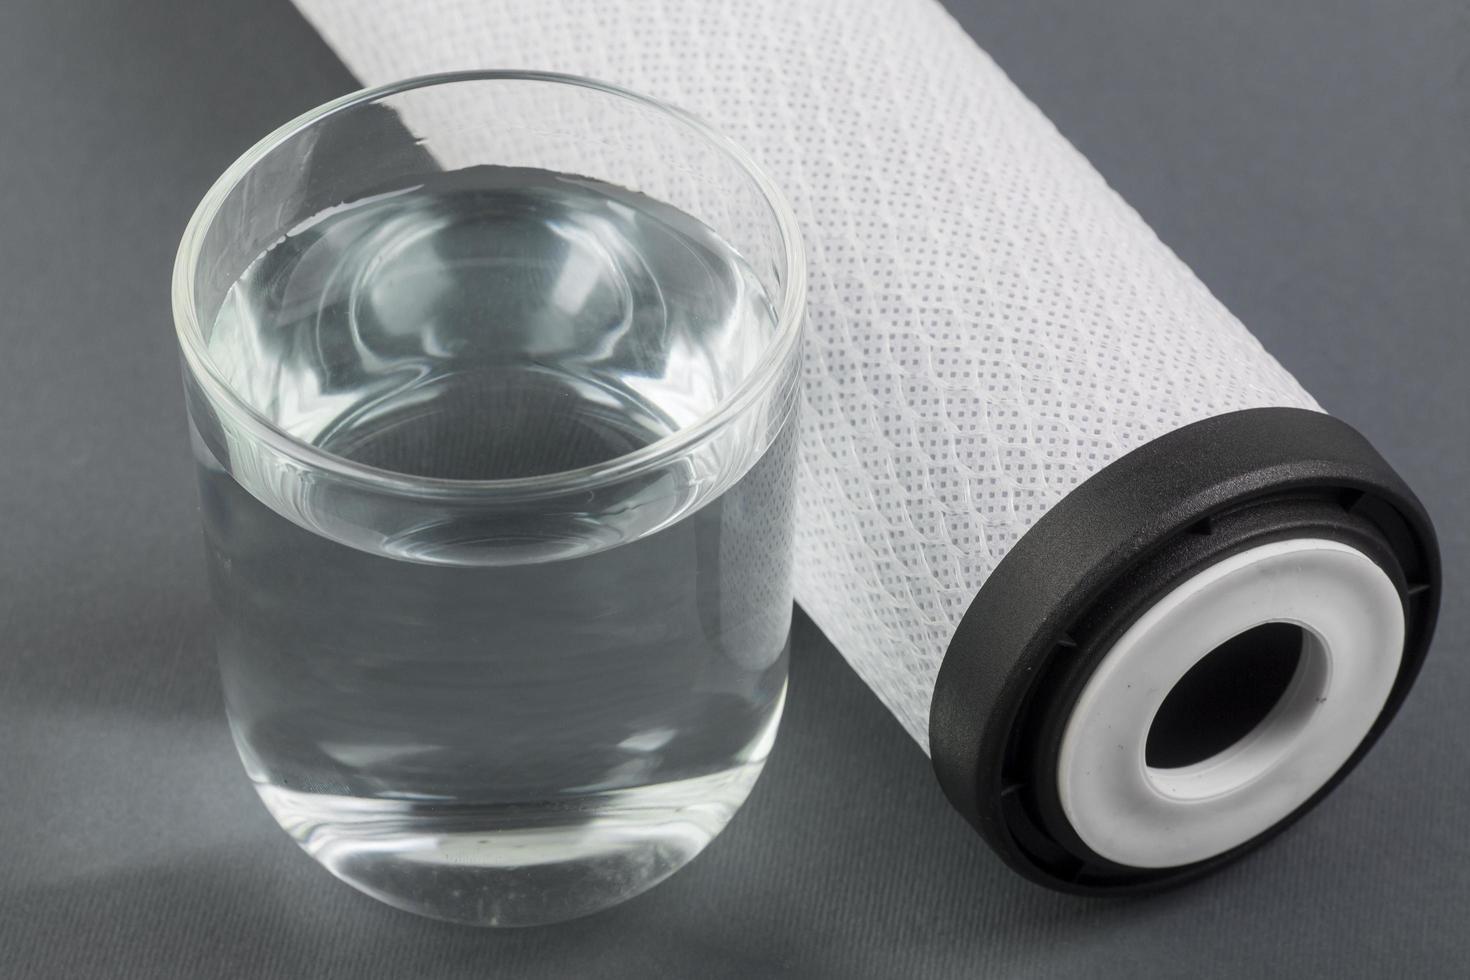 vattenfilter och vatten foto